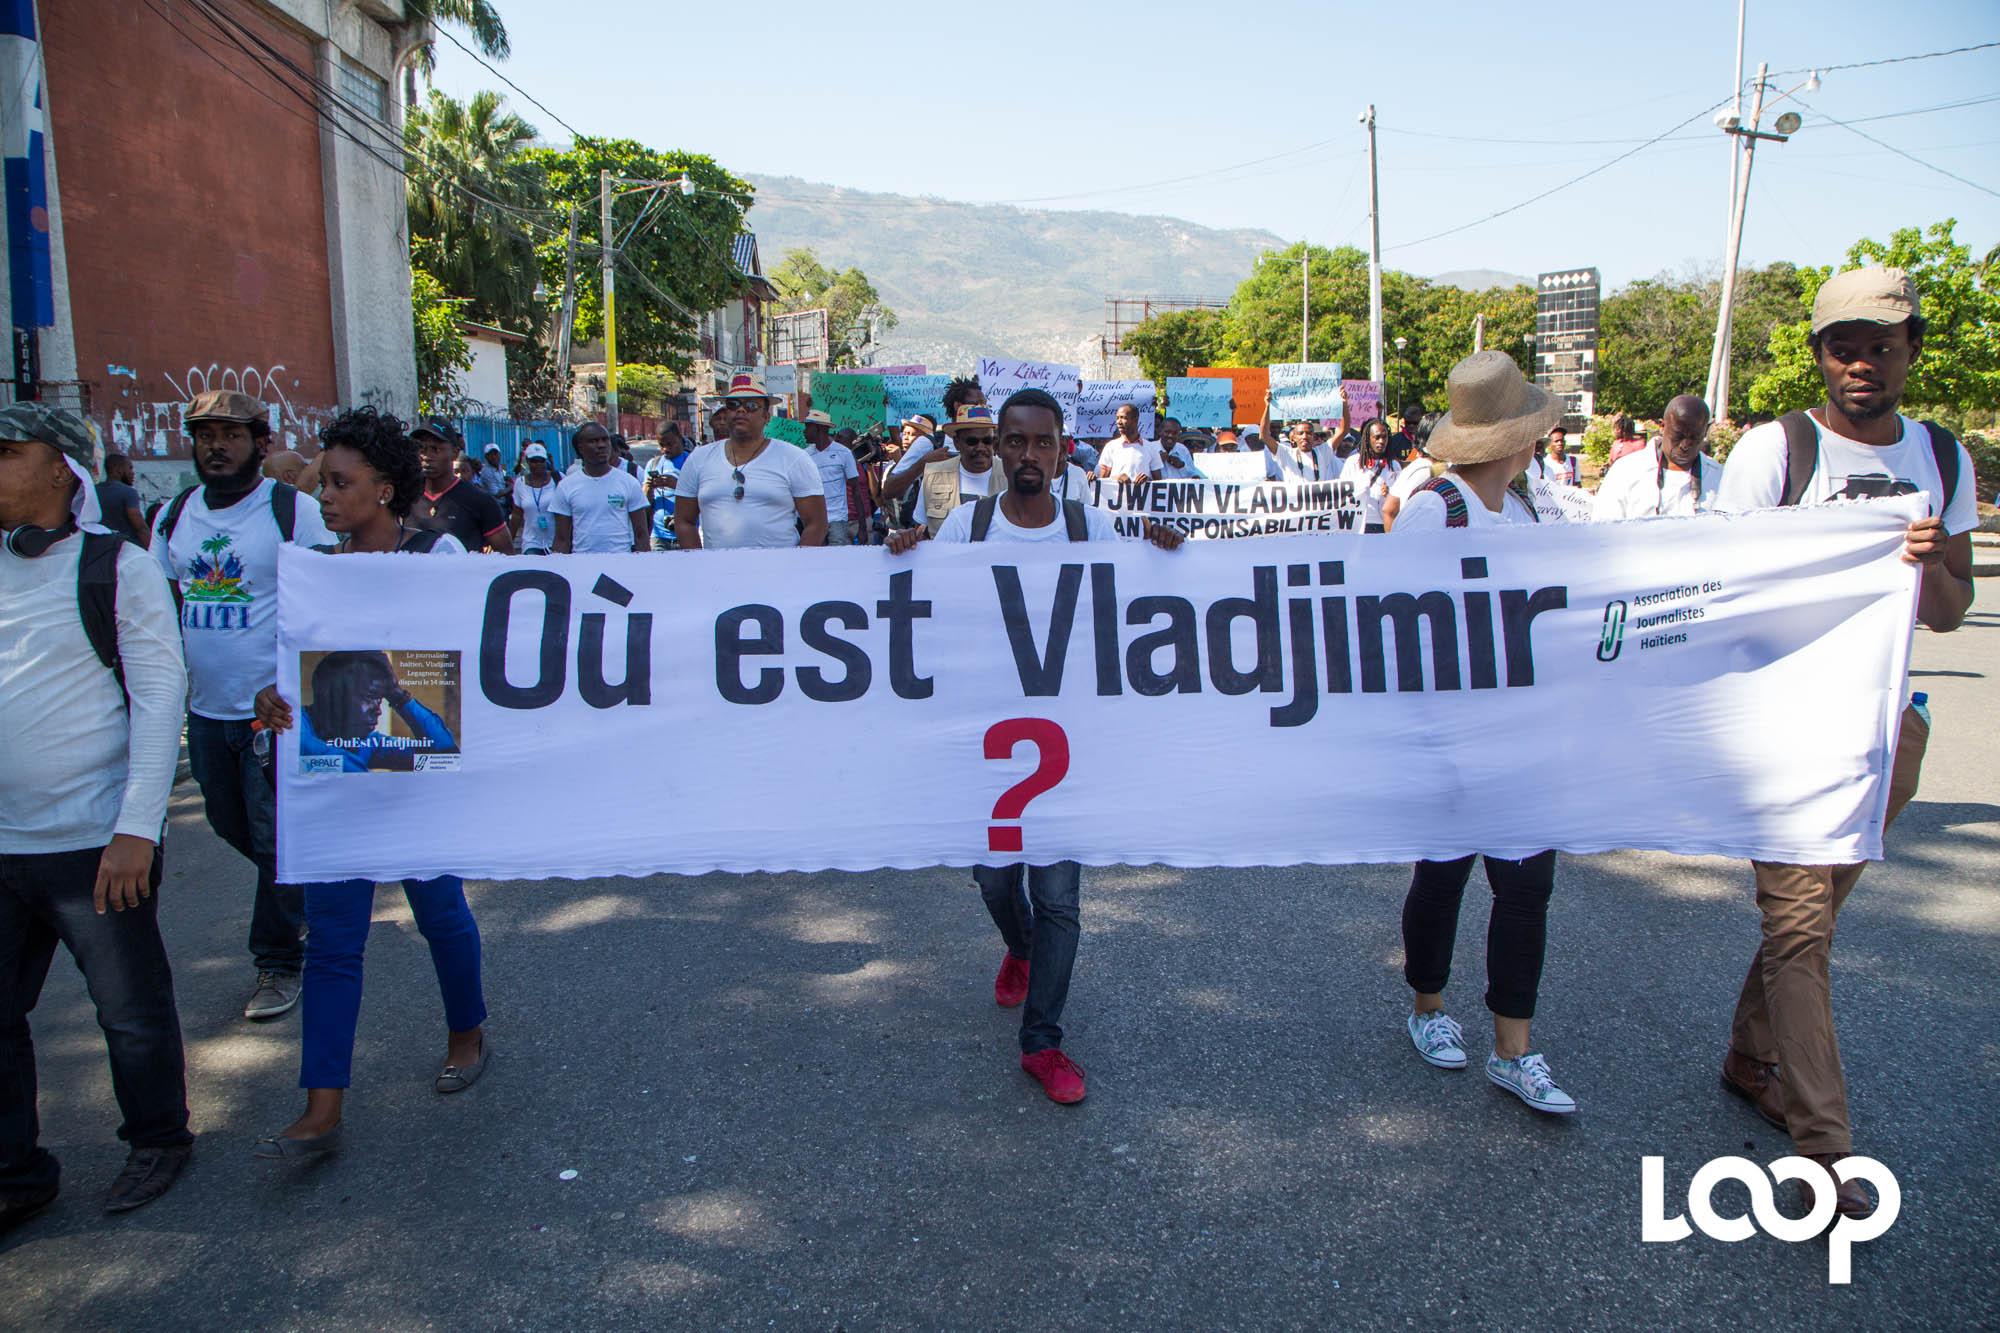 Disparition de Vladjimir Legagneur : marche des journalistes 29 mars 2018. Photo: Estaïlove St-Val